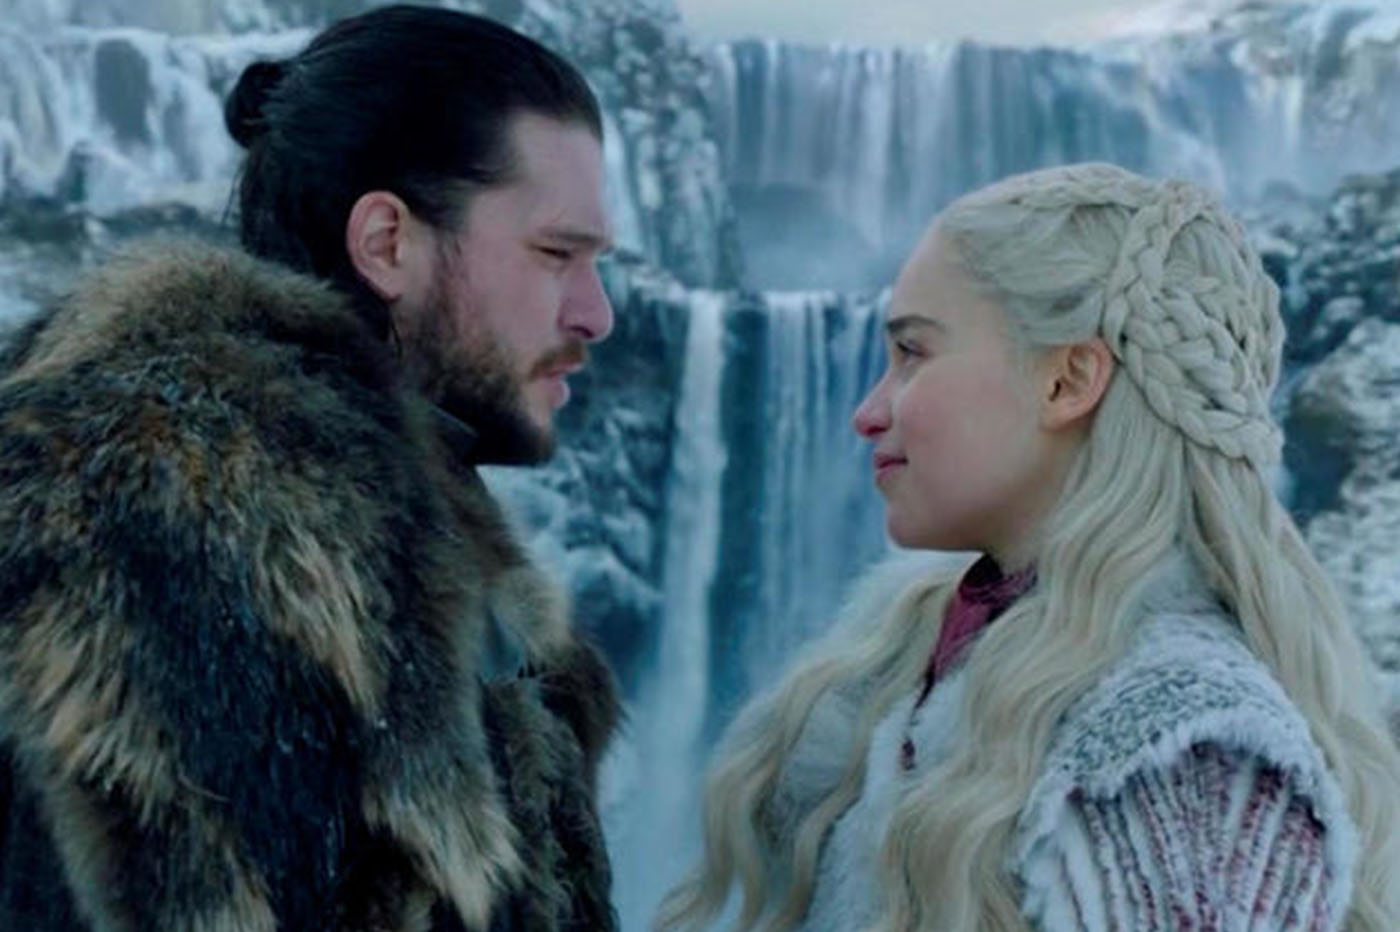 Non, la S8 de Game of Thrones n'est pas un désastre